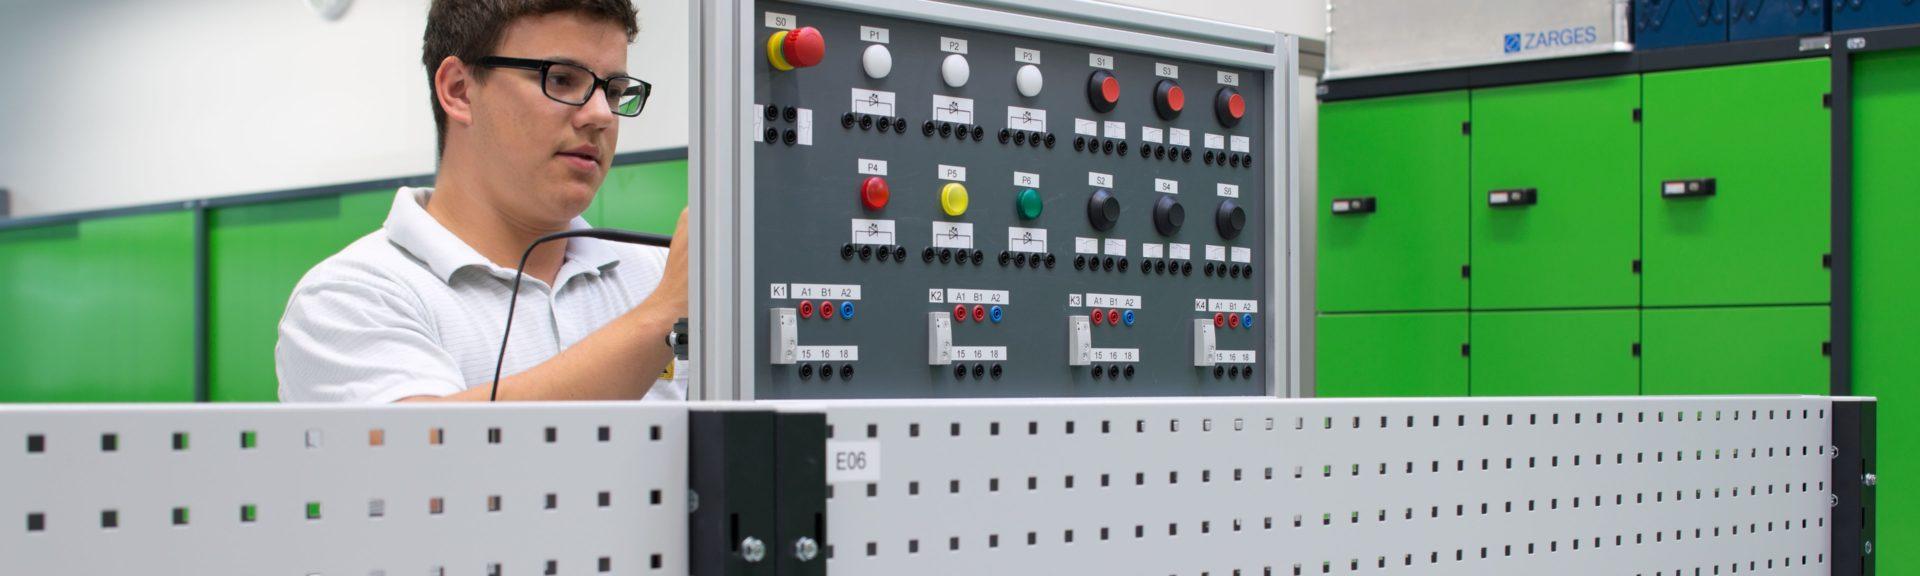 Elektroniker/in für Geräte und Systeme